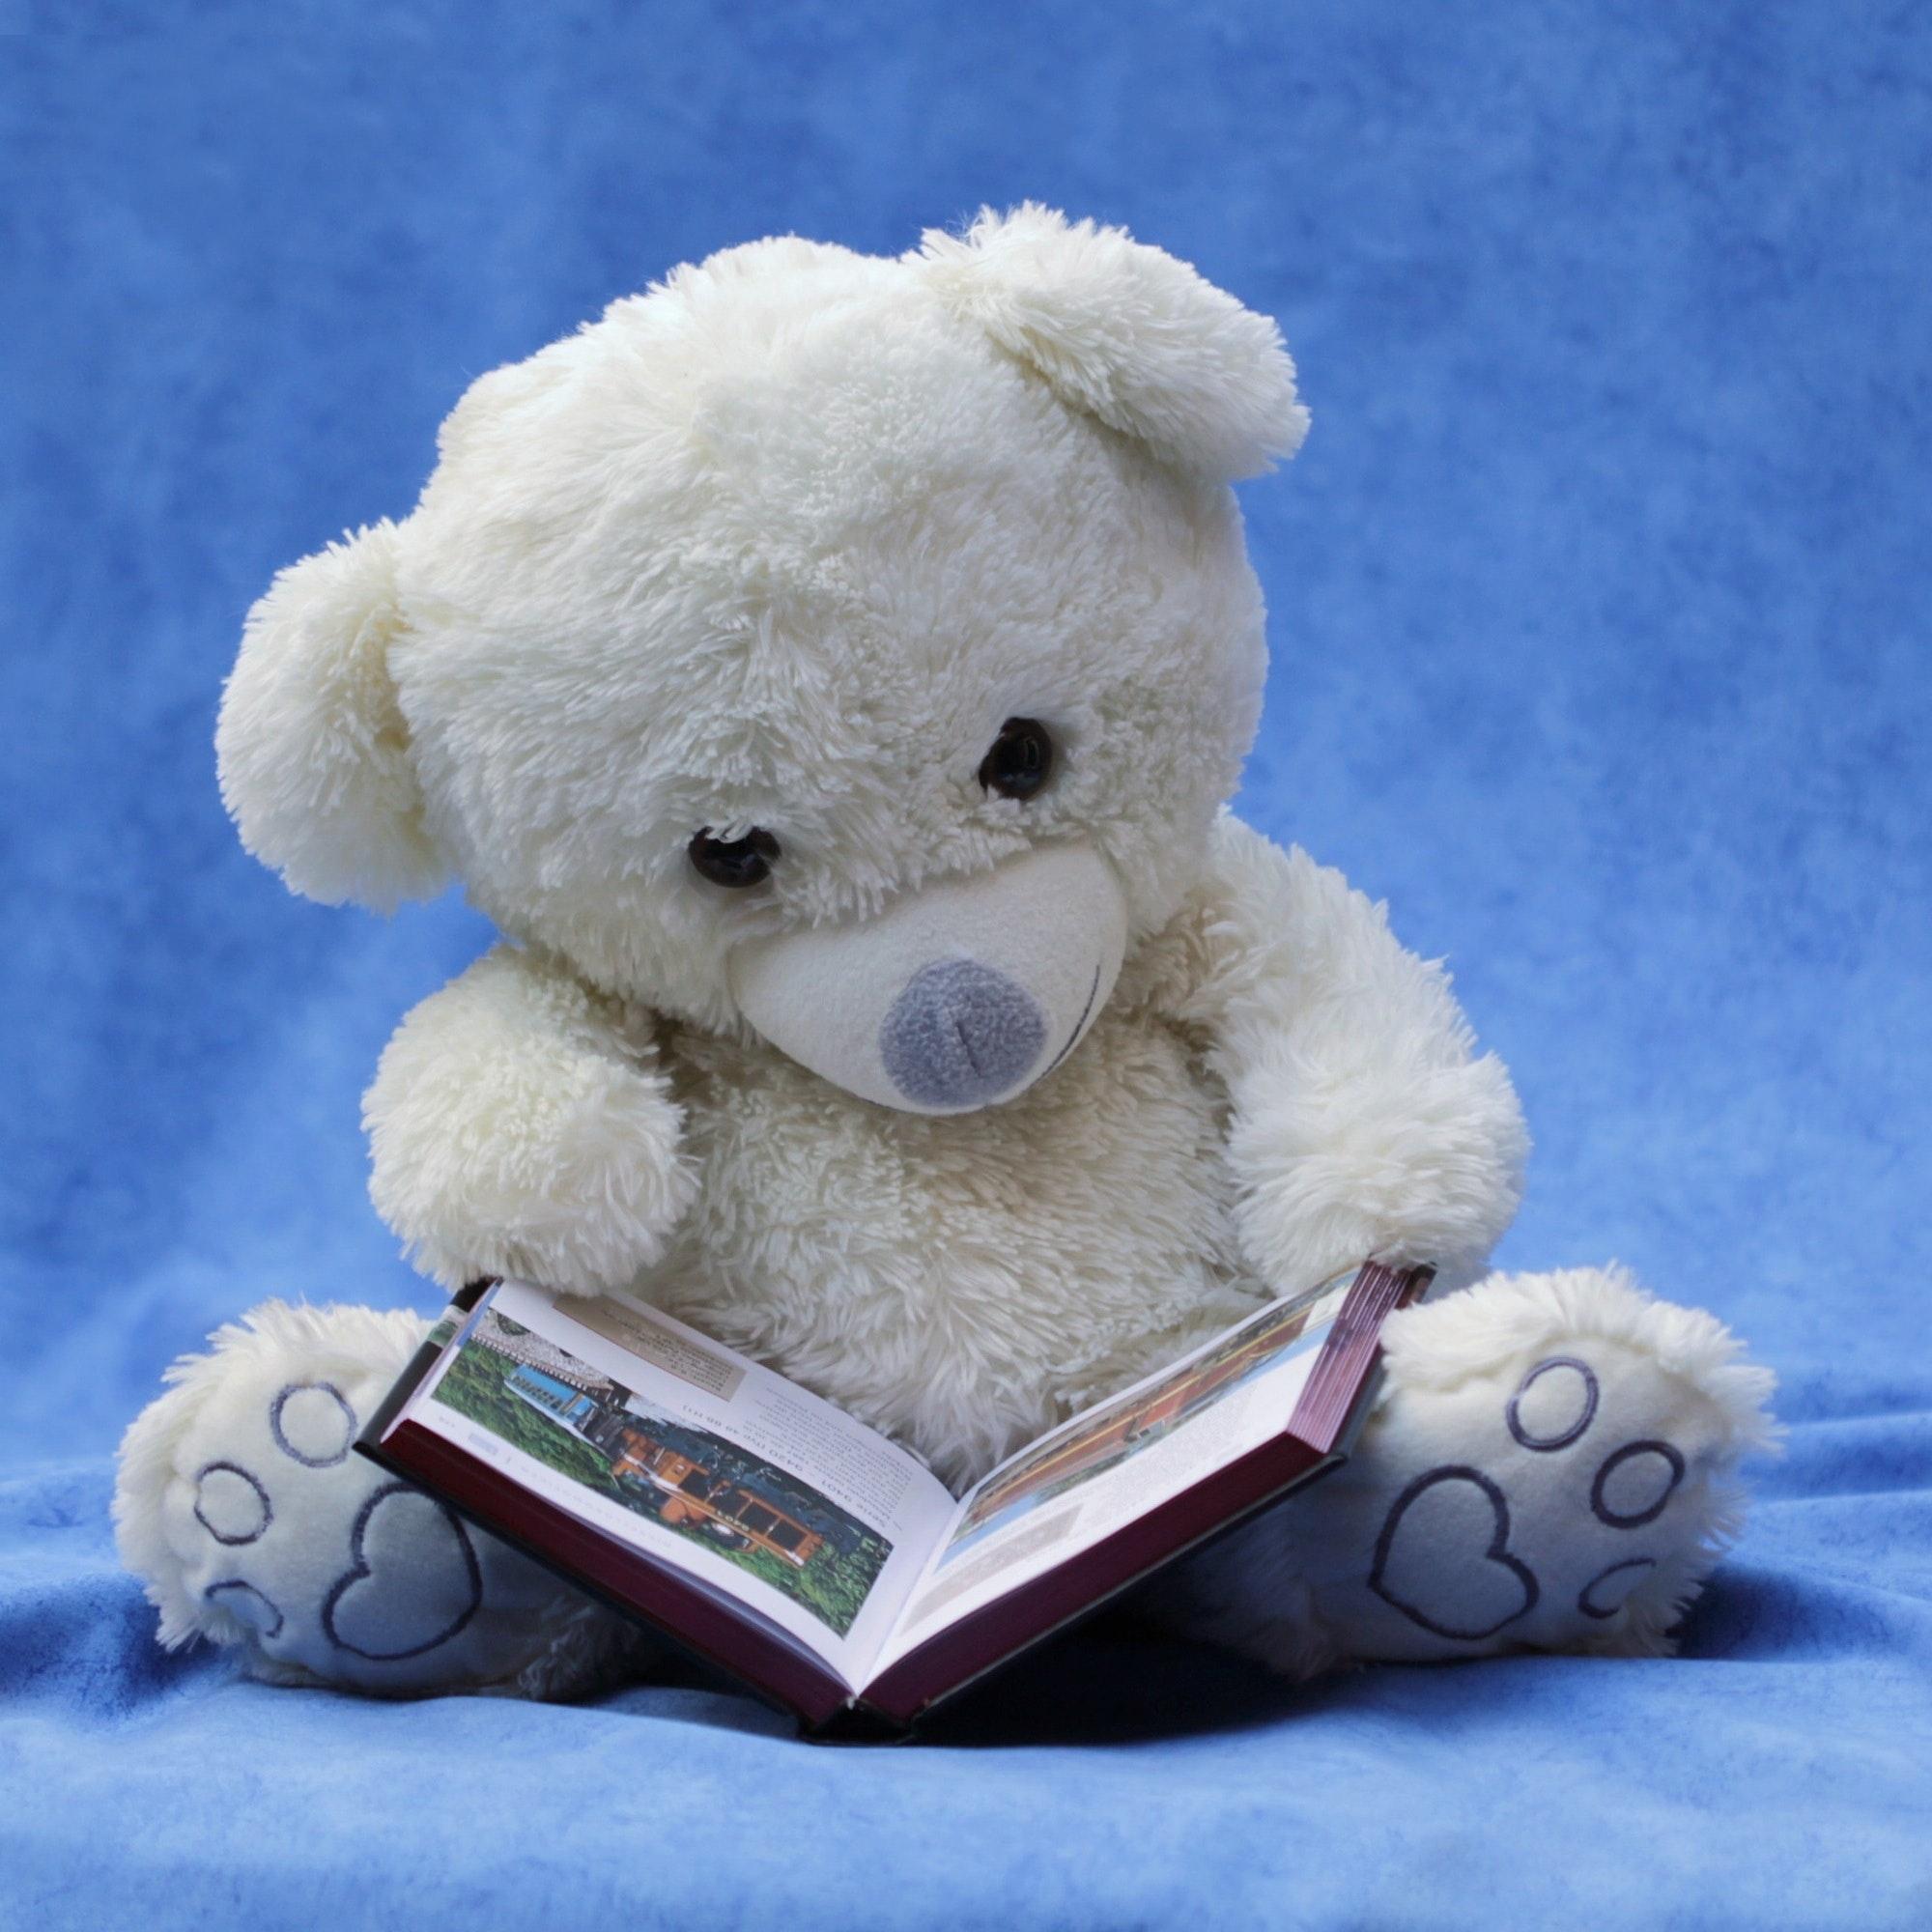 100 Interesting Teddy Bear Photos Pexels Free Stock Photos